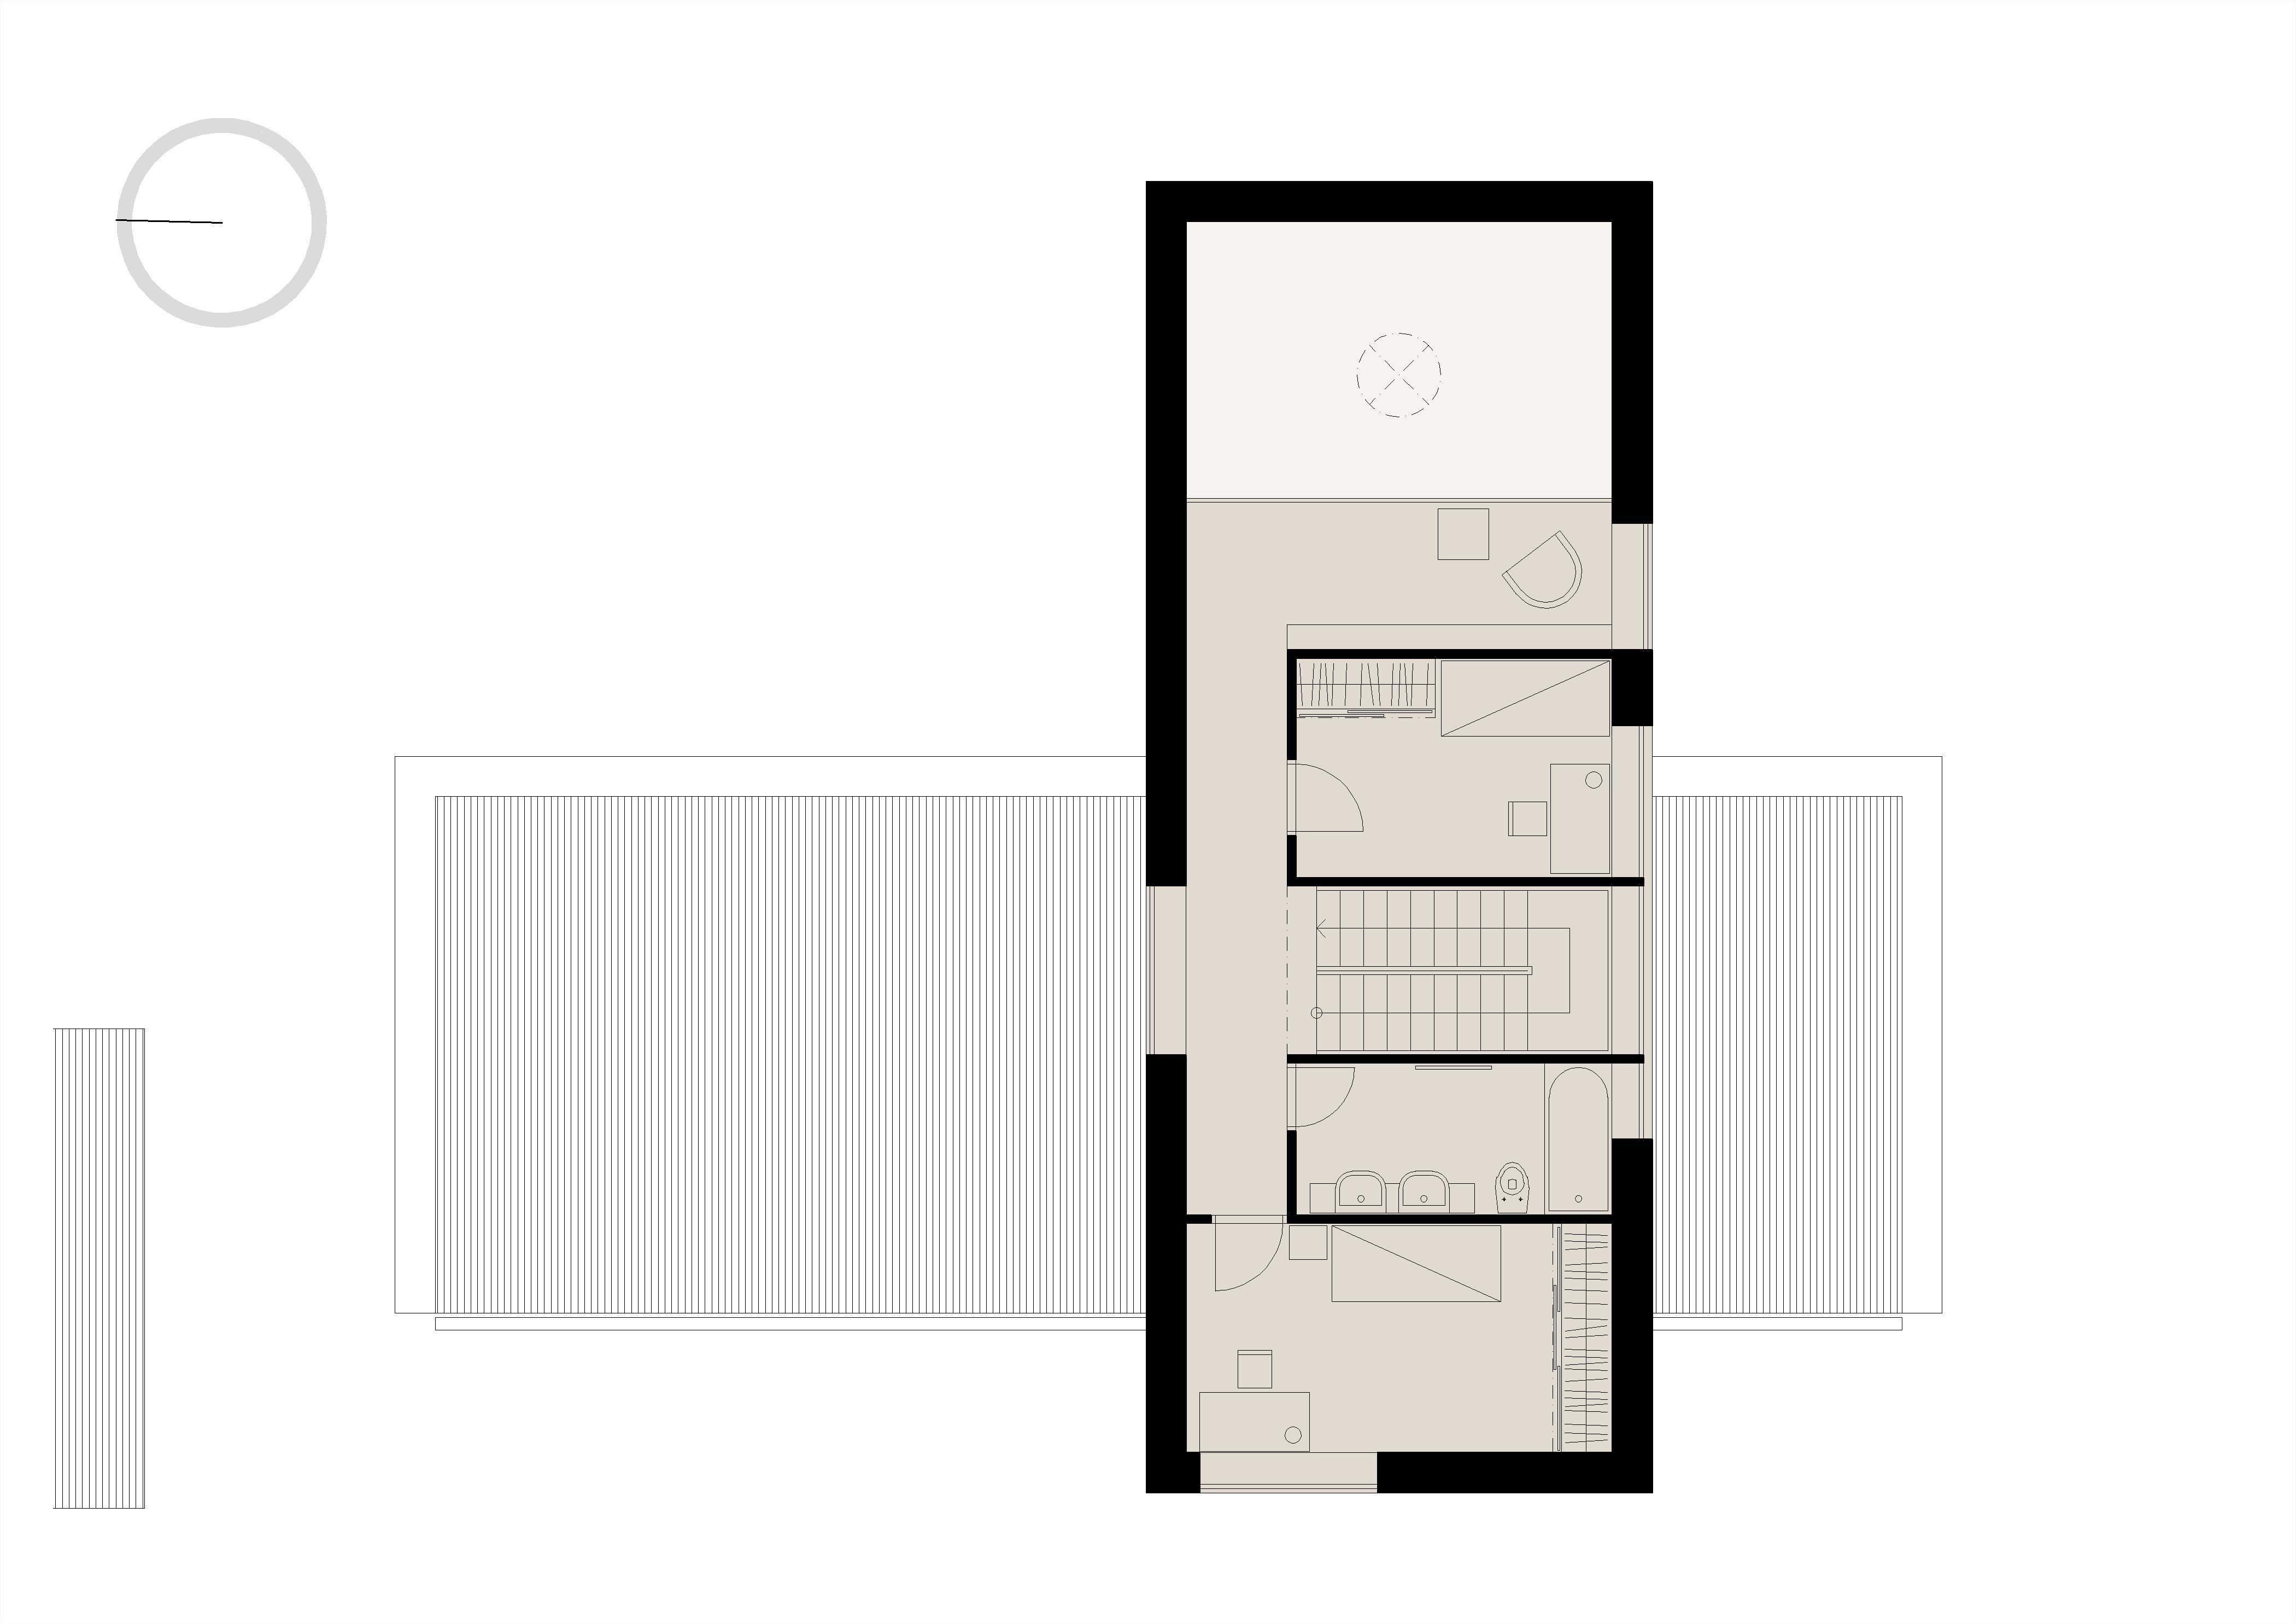 Projekt stavby rodinného domu IV 09